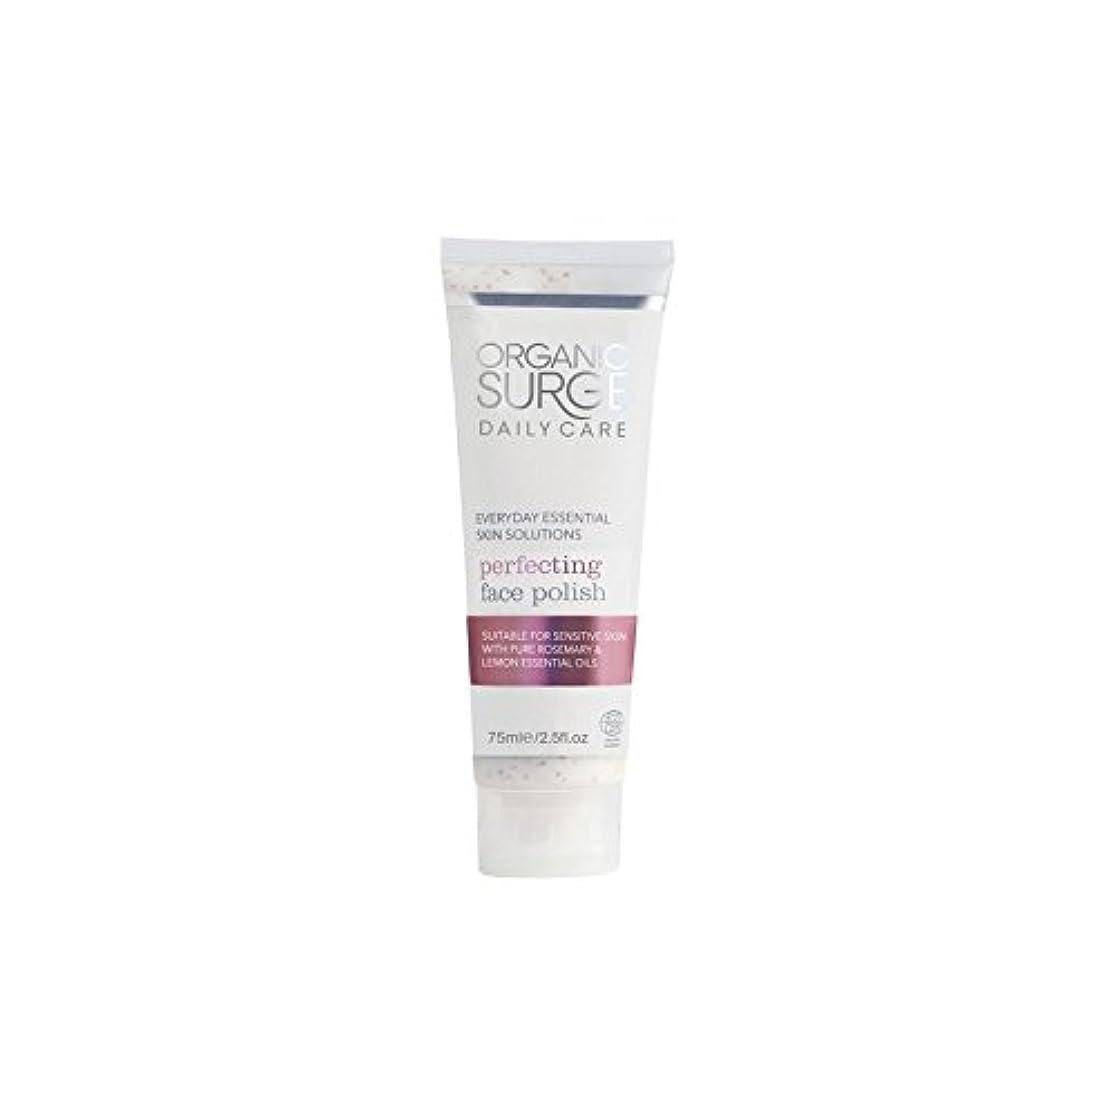 苦悩気取らない不測の事態Organic Surge Daily Care Perfecting Face Polish (75ml) - 面研磨を完成有機サージ毎日のケア(75ミリリットル) [並行輸入品]